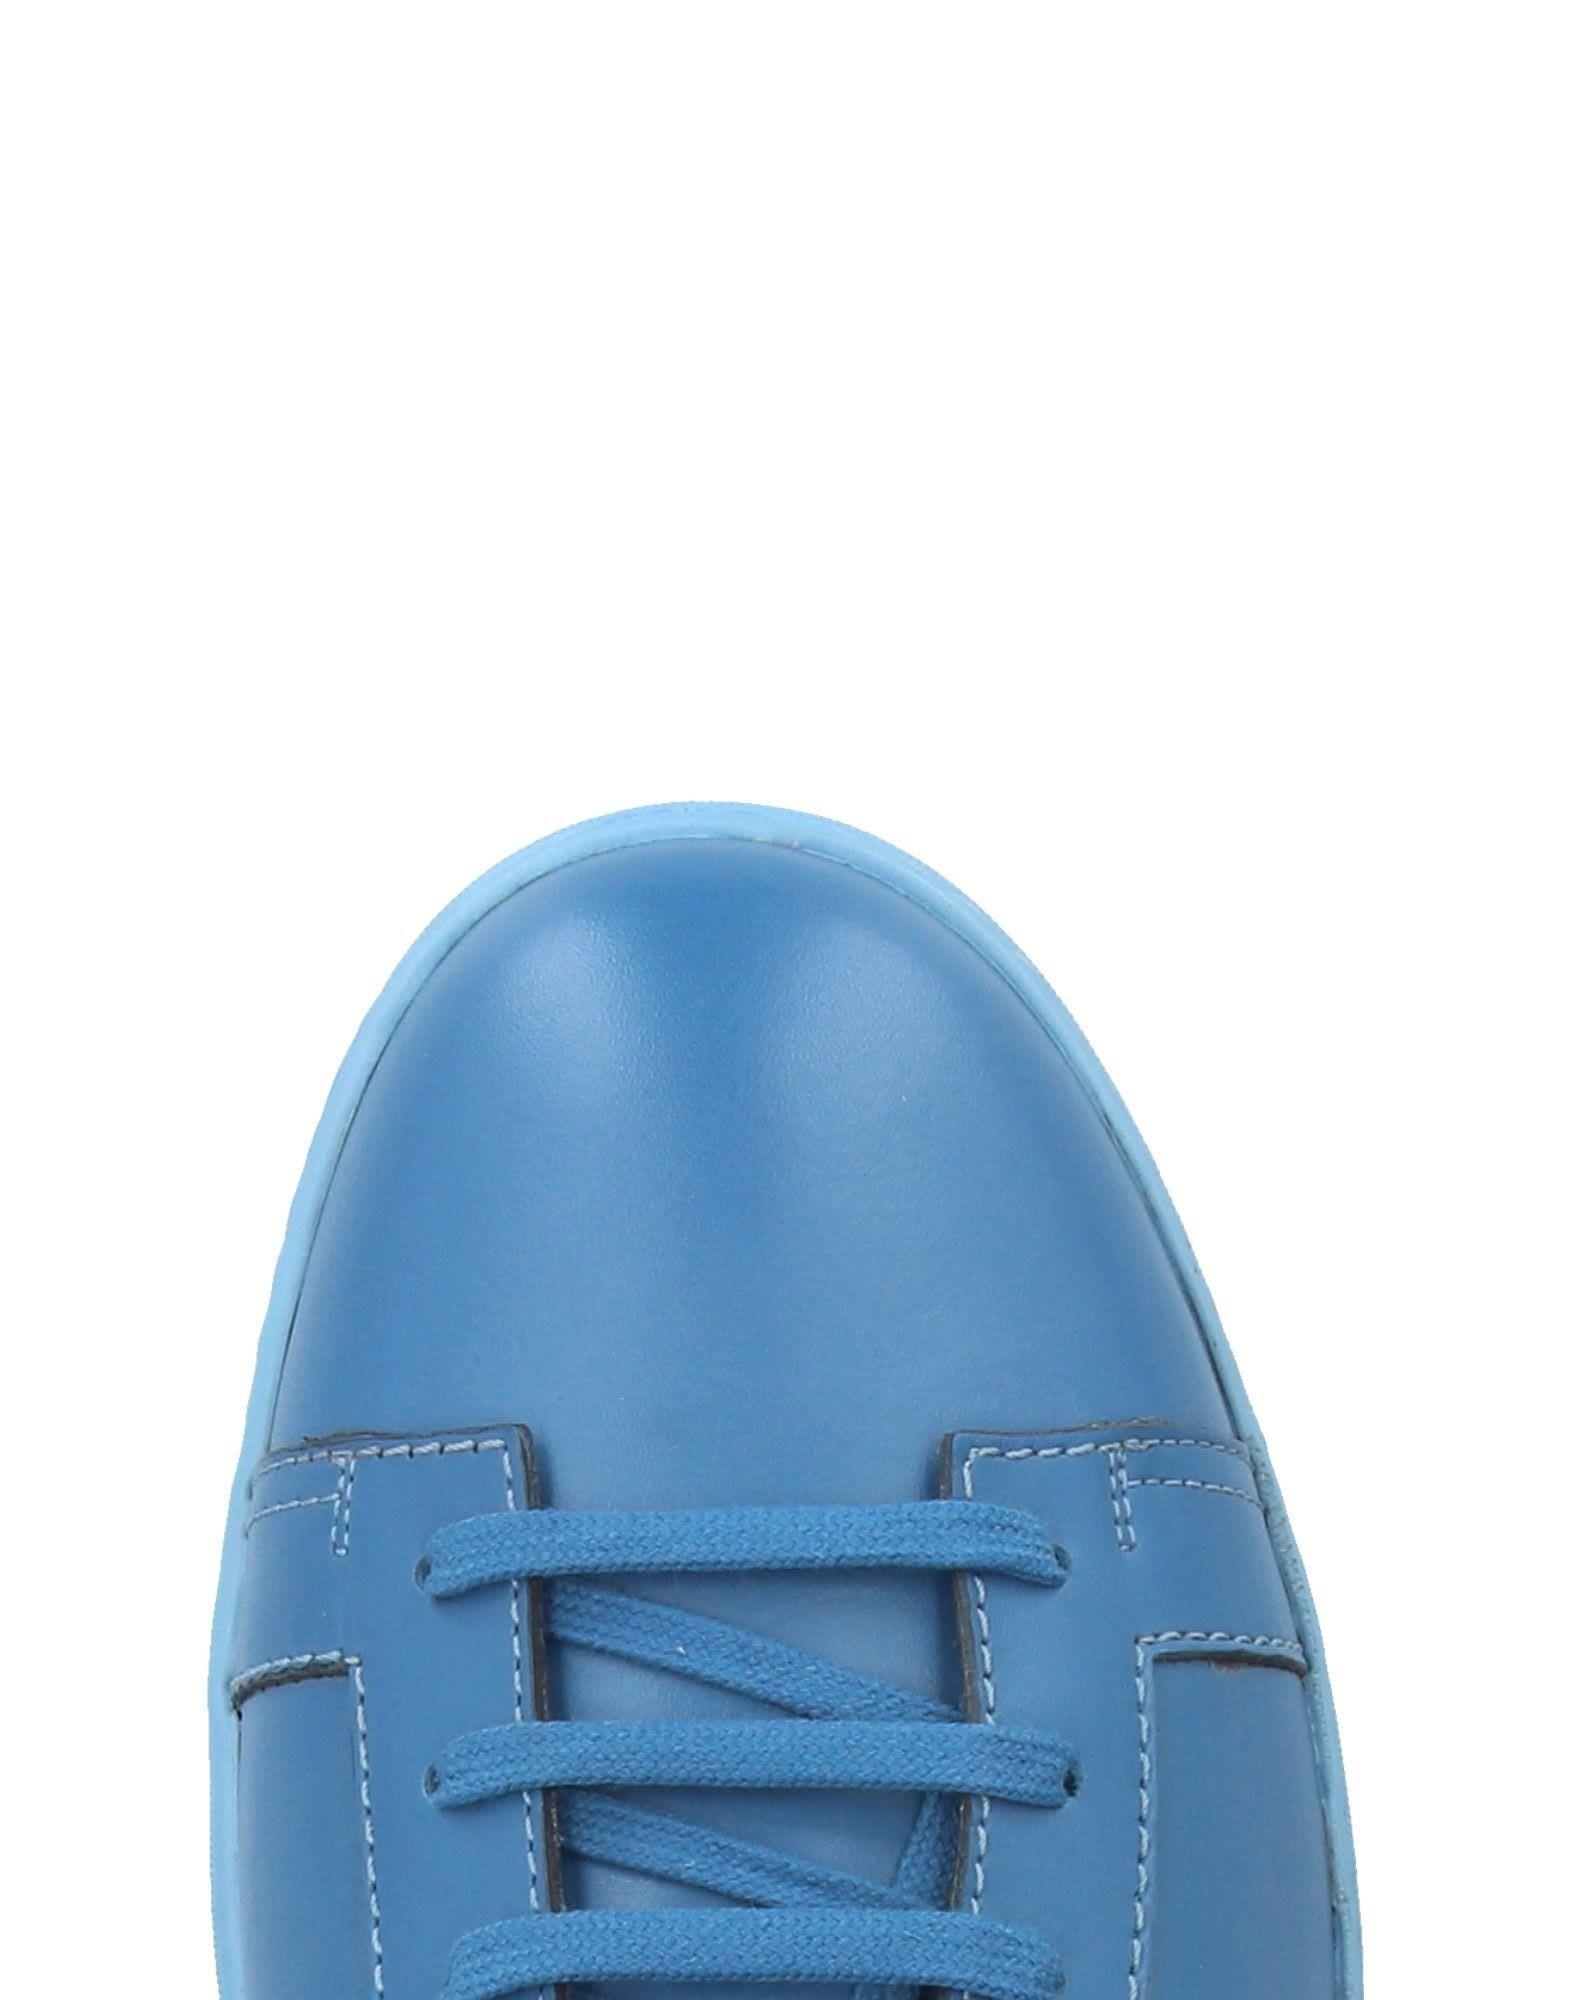 Santoni Santoni  Sneakers Herren  11409845GF b61234